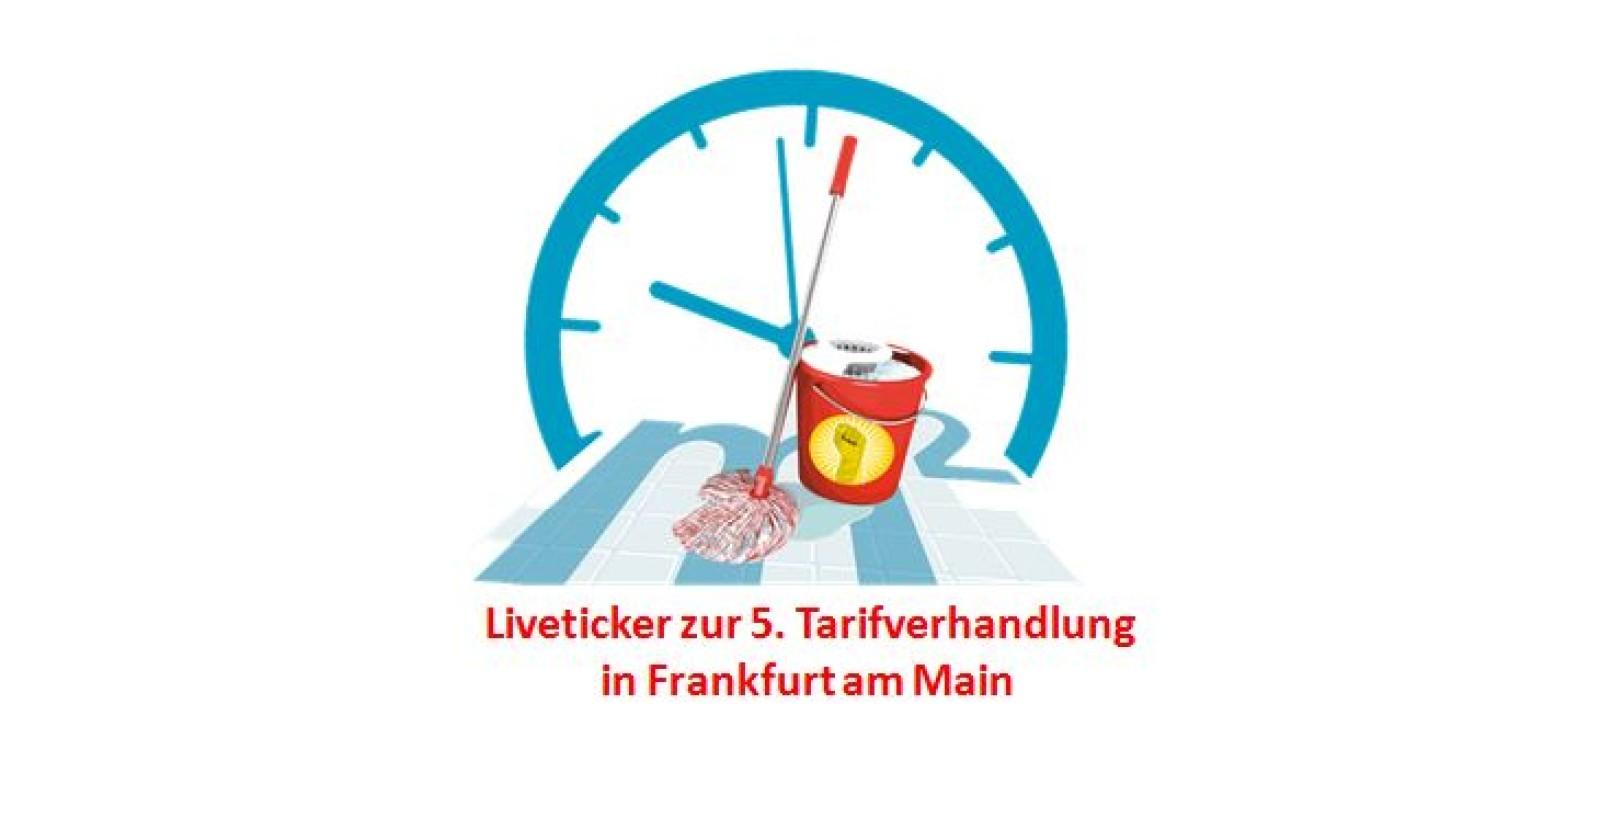 Live-Ticker zur fünften Tarifverhandlungsrunde in Frankfurt am Main